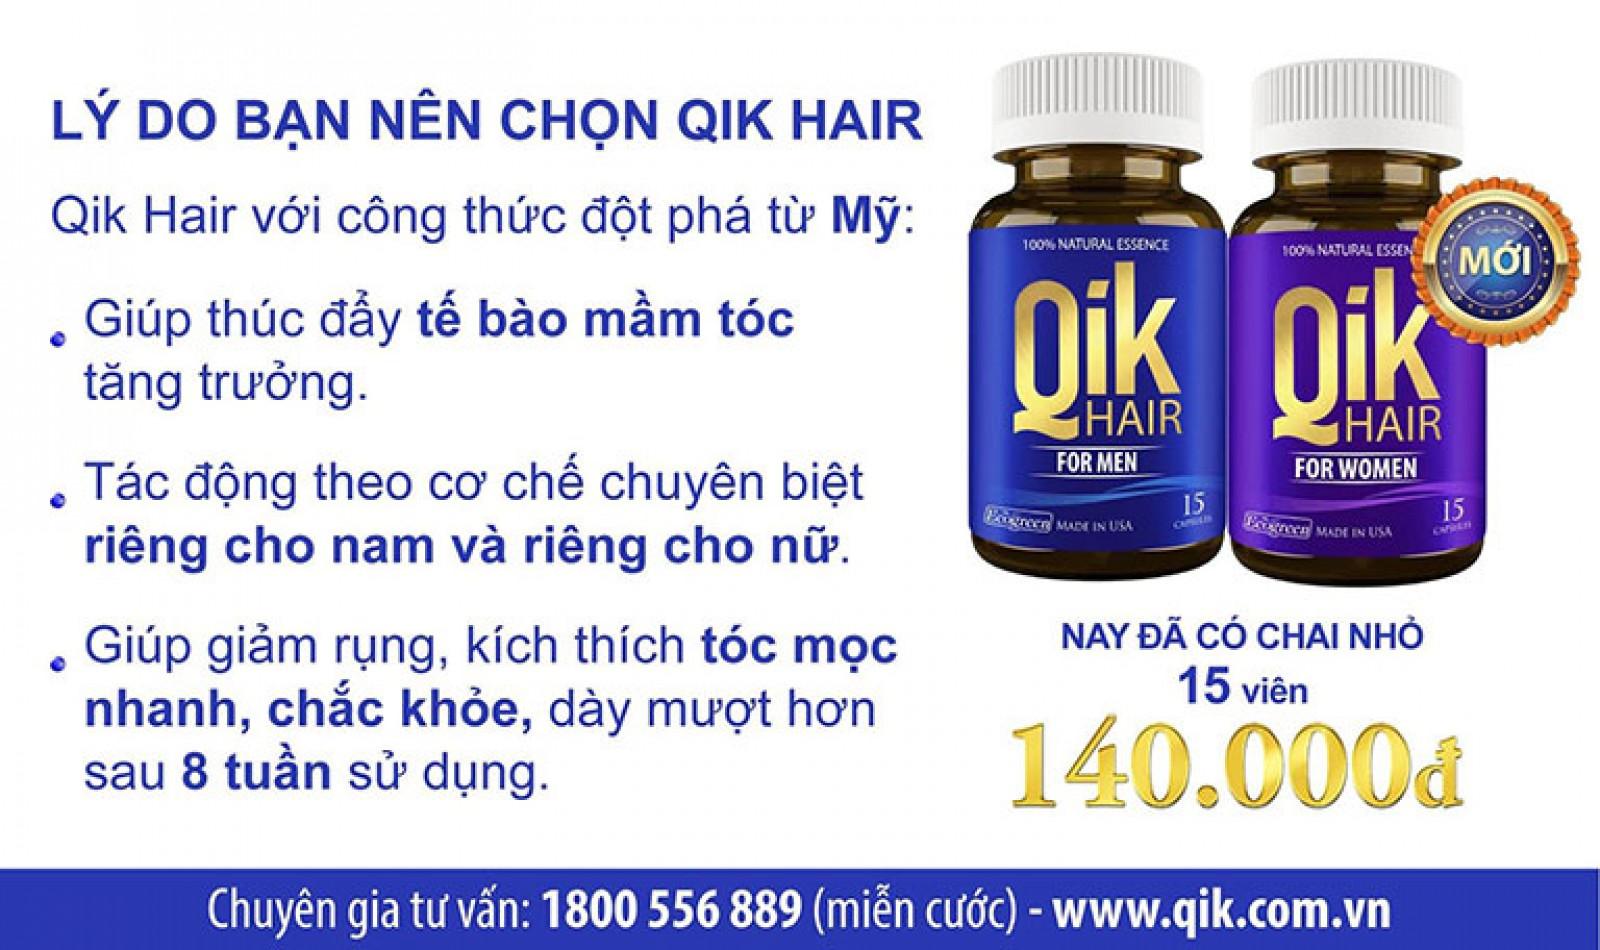 banner dat hang qik hair pc